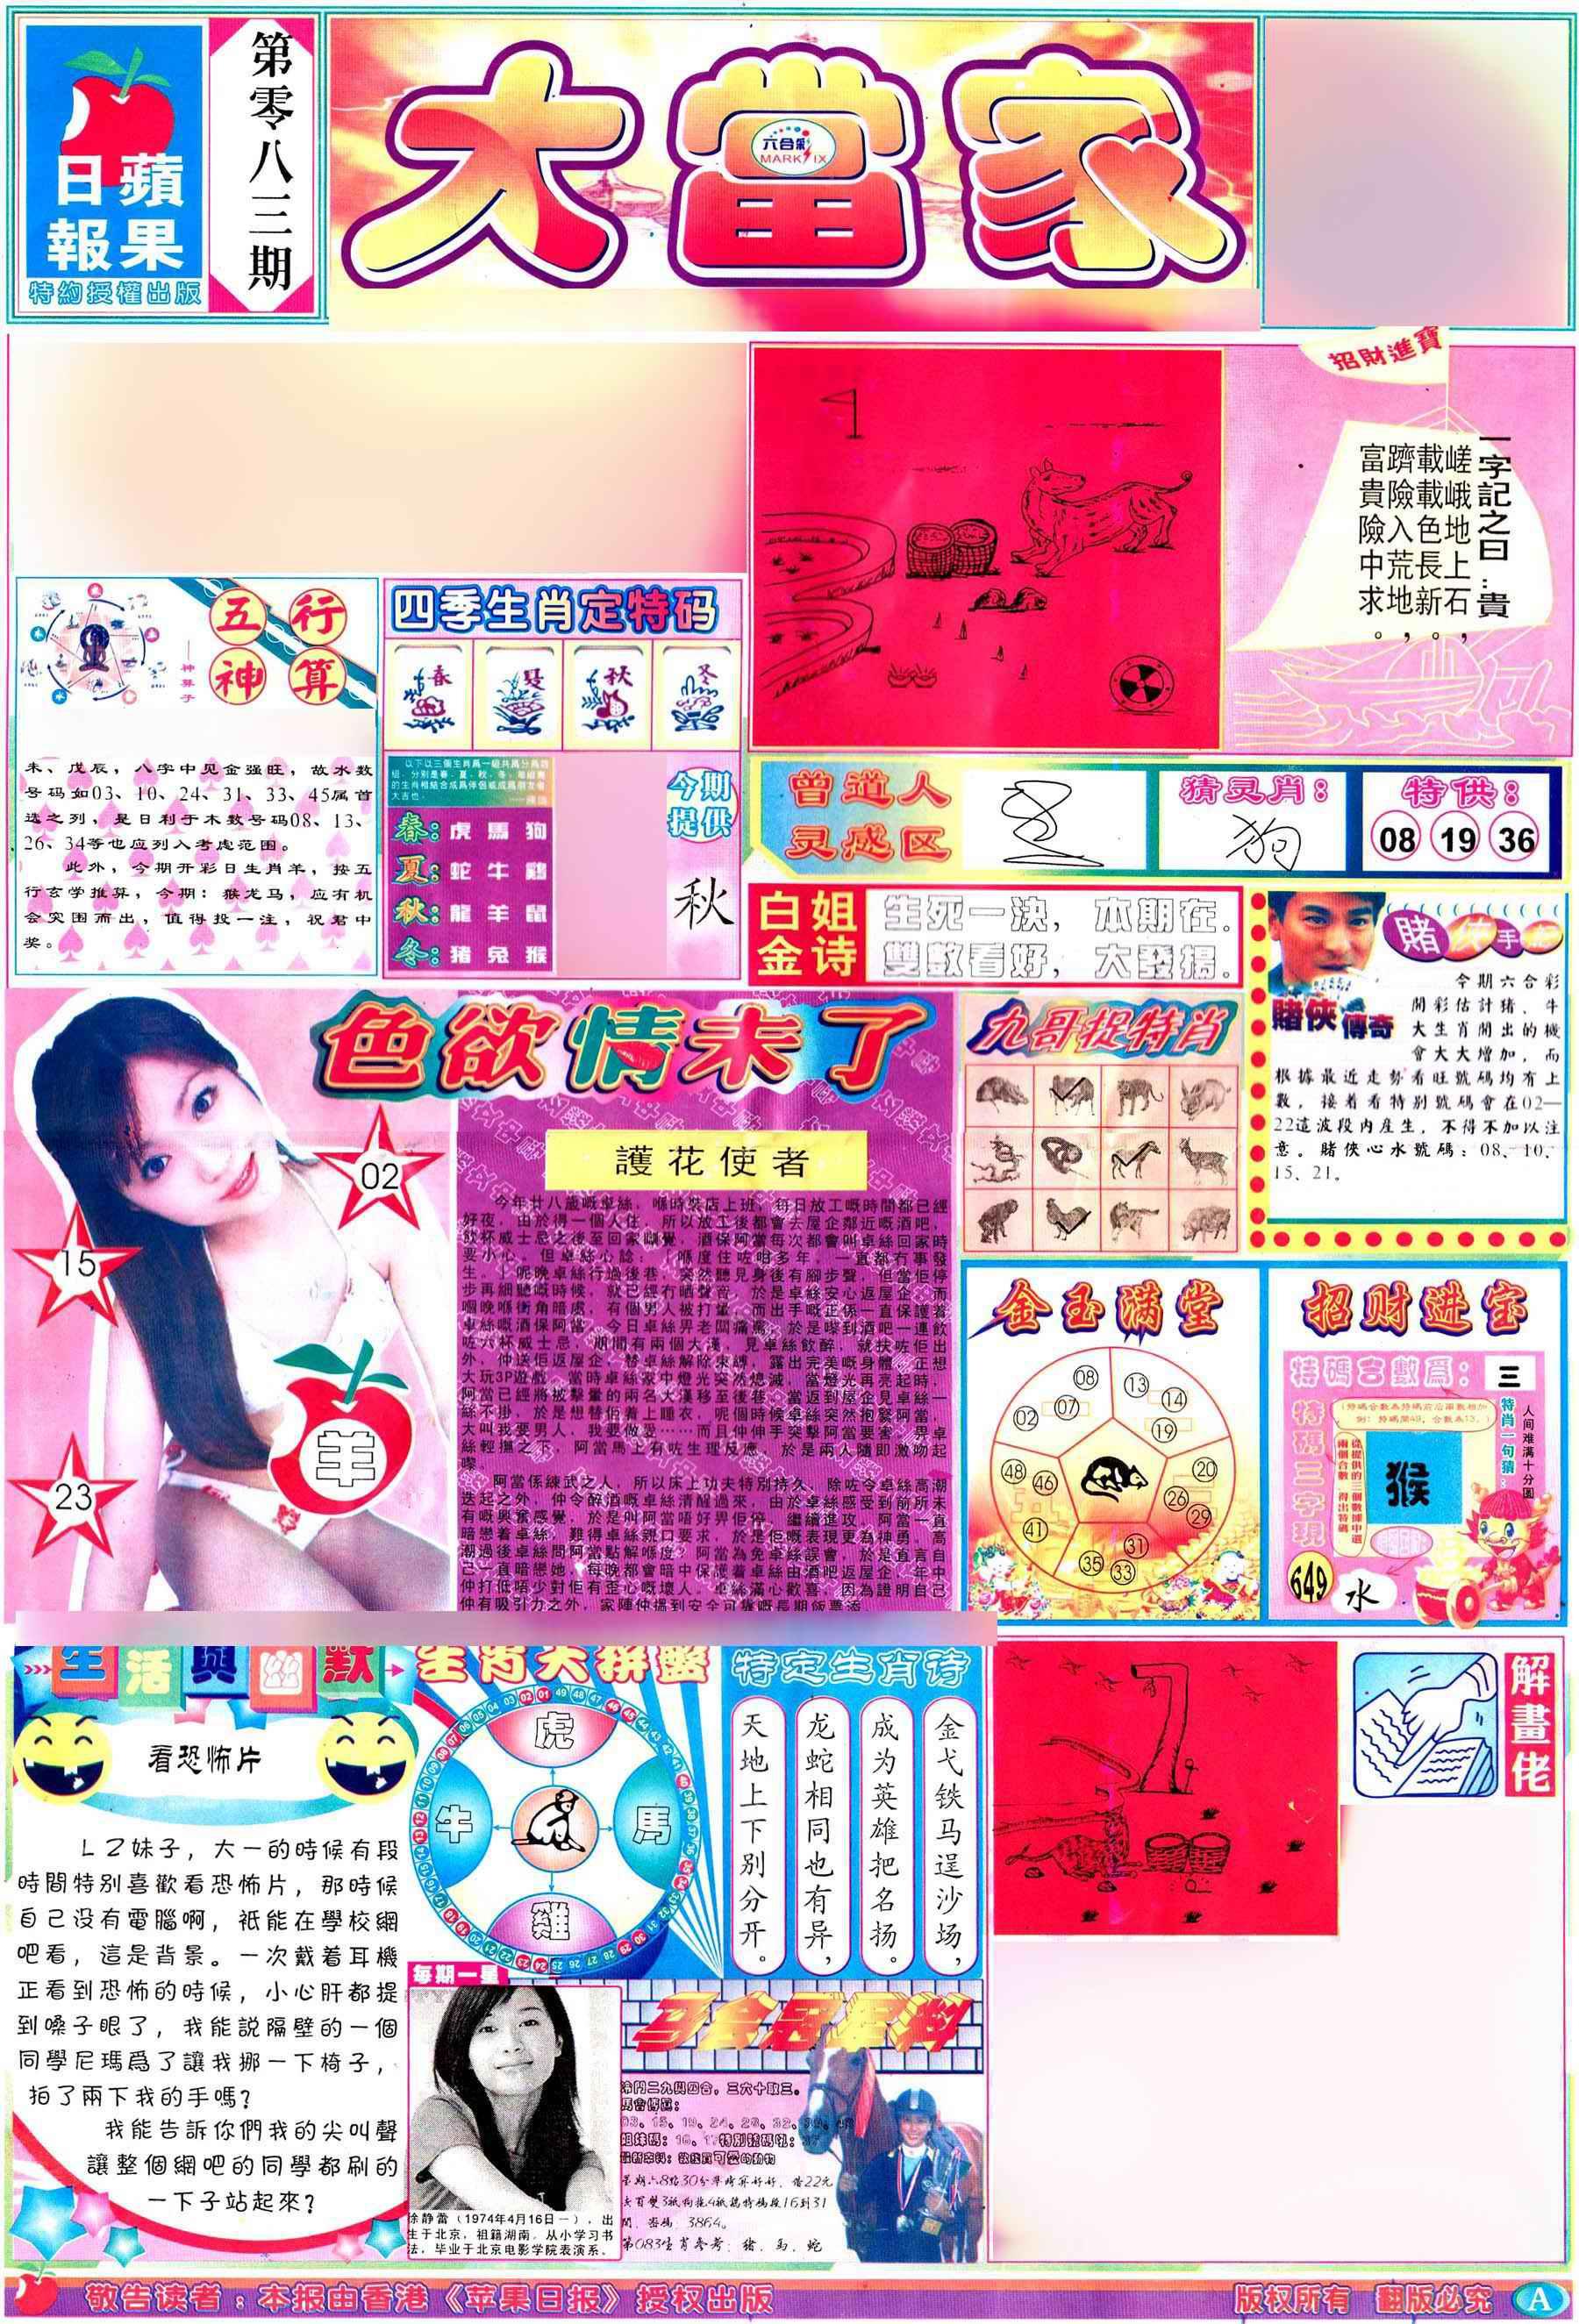 083期彩卷后庄A(保证香港版)